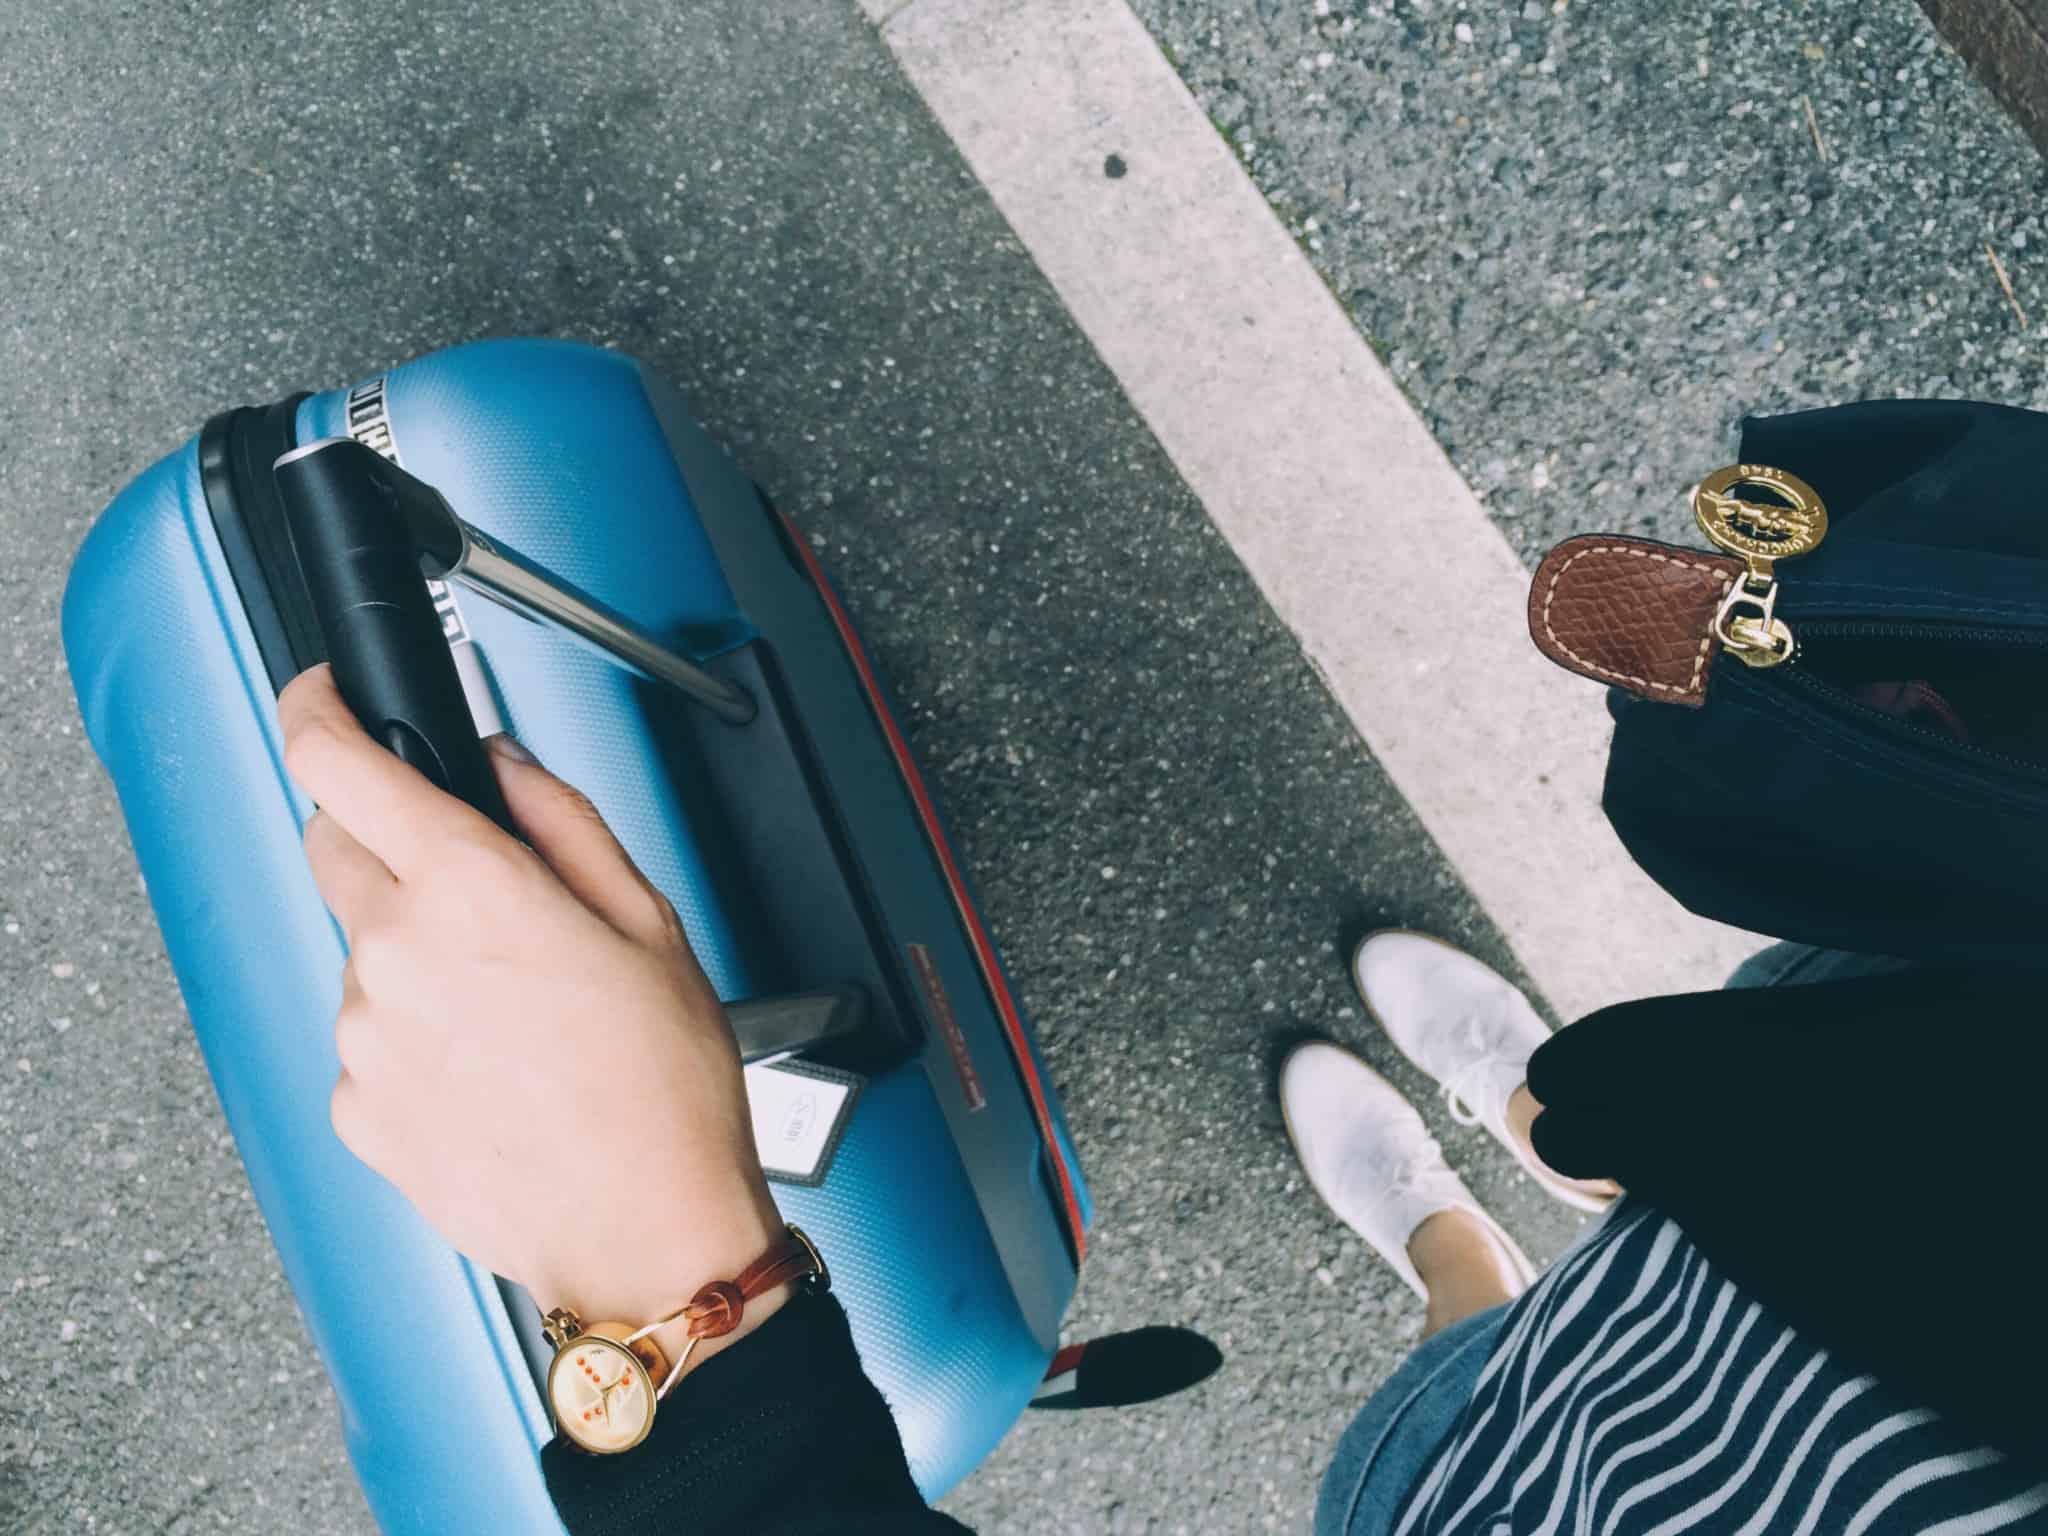 rapariga com malas de viagem